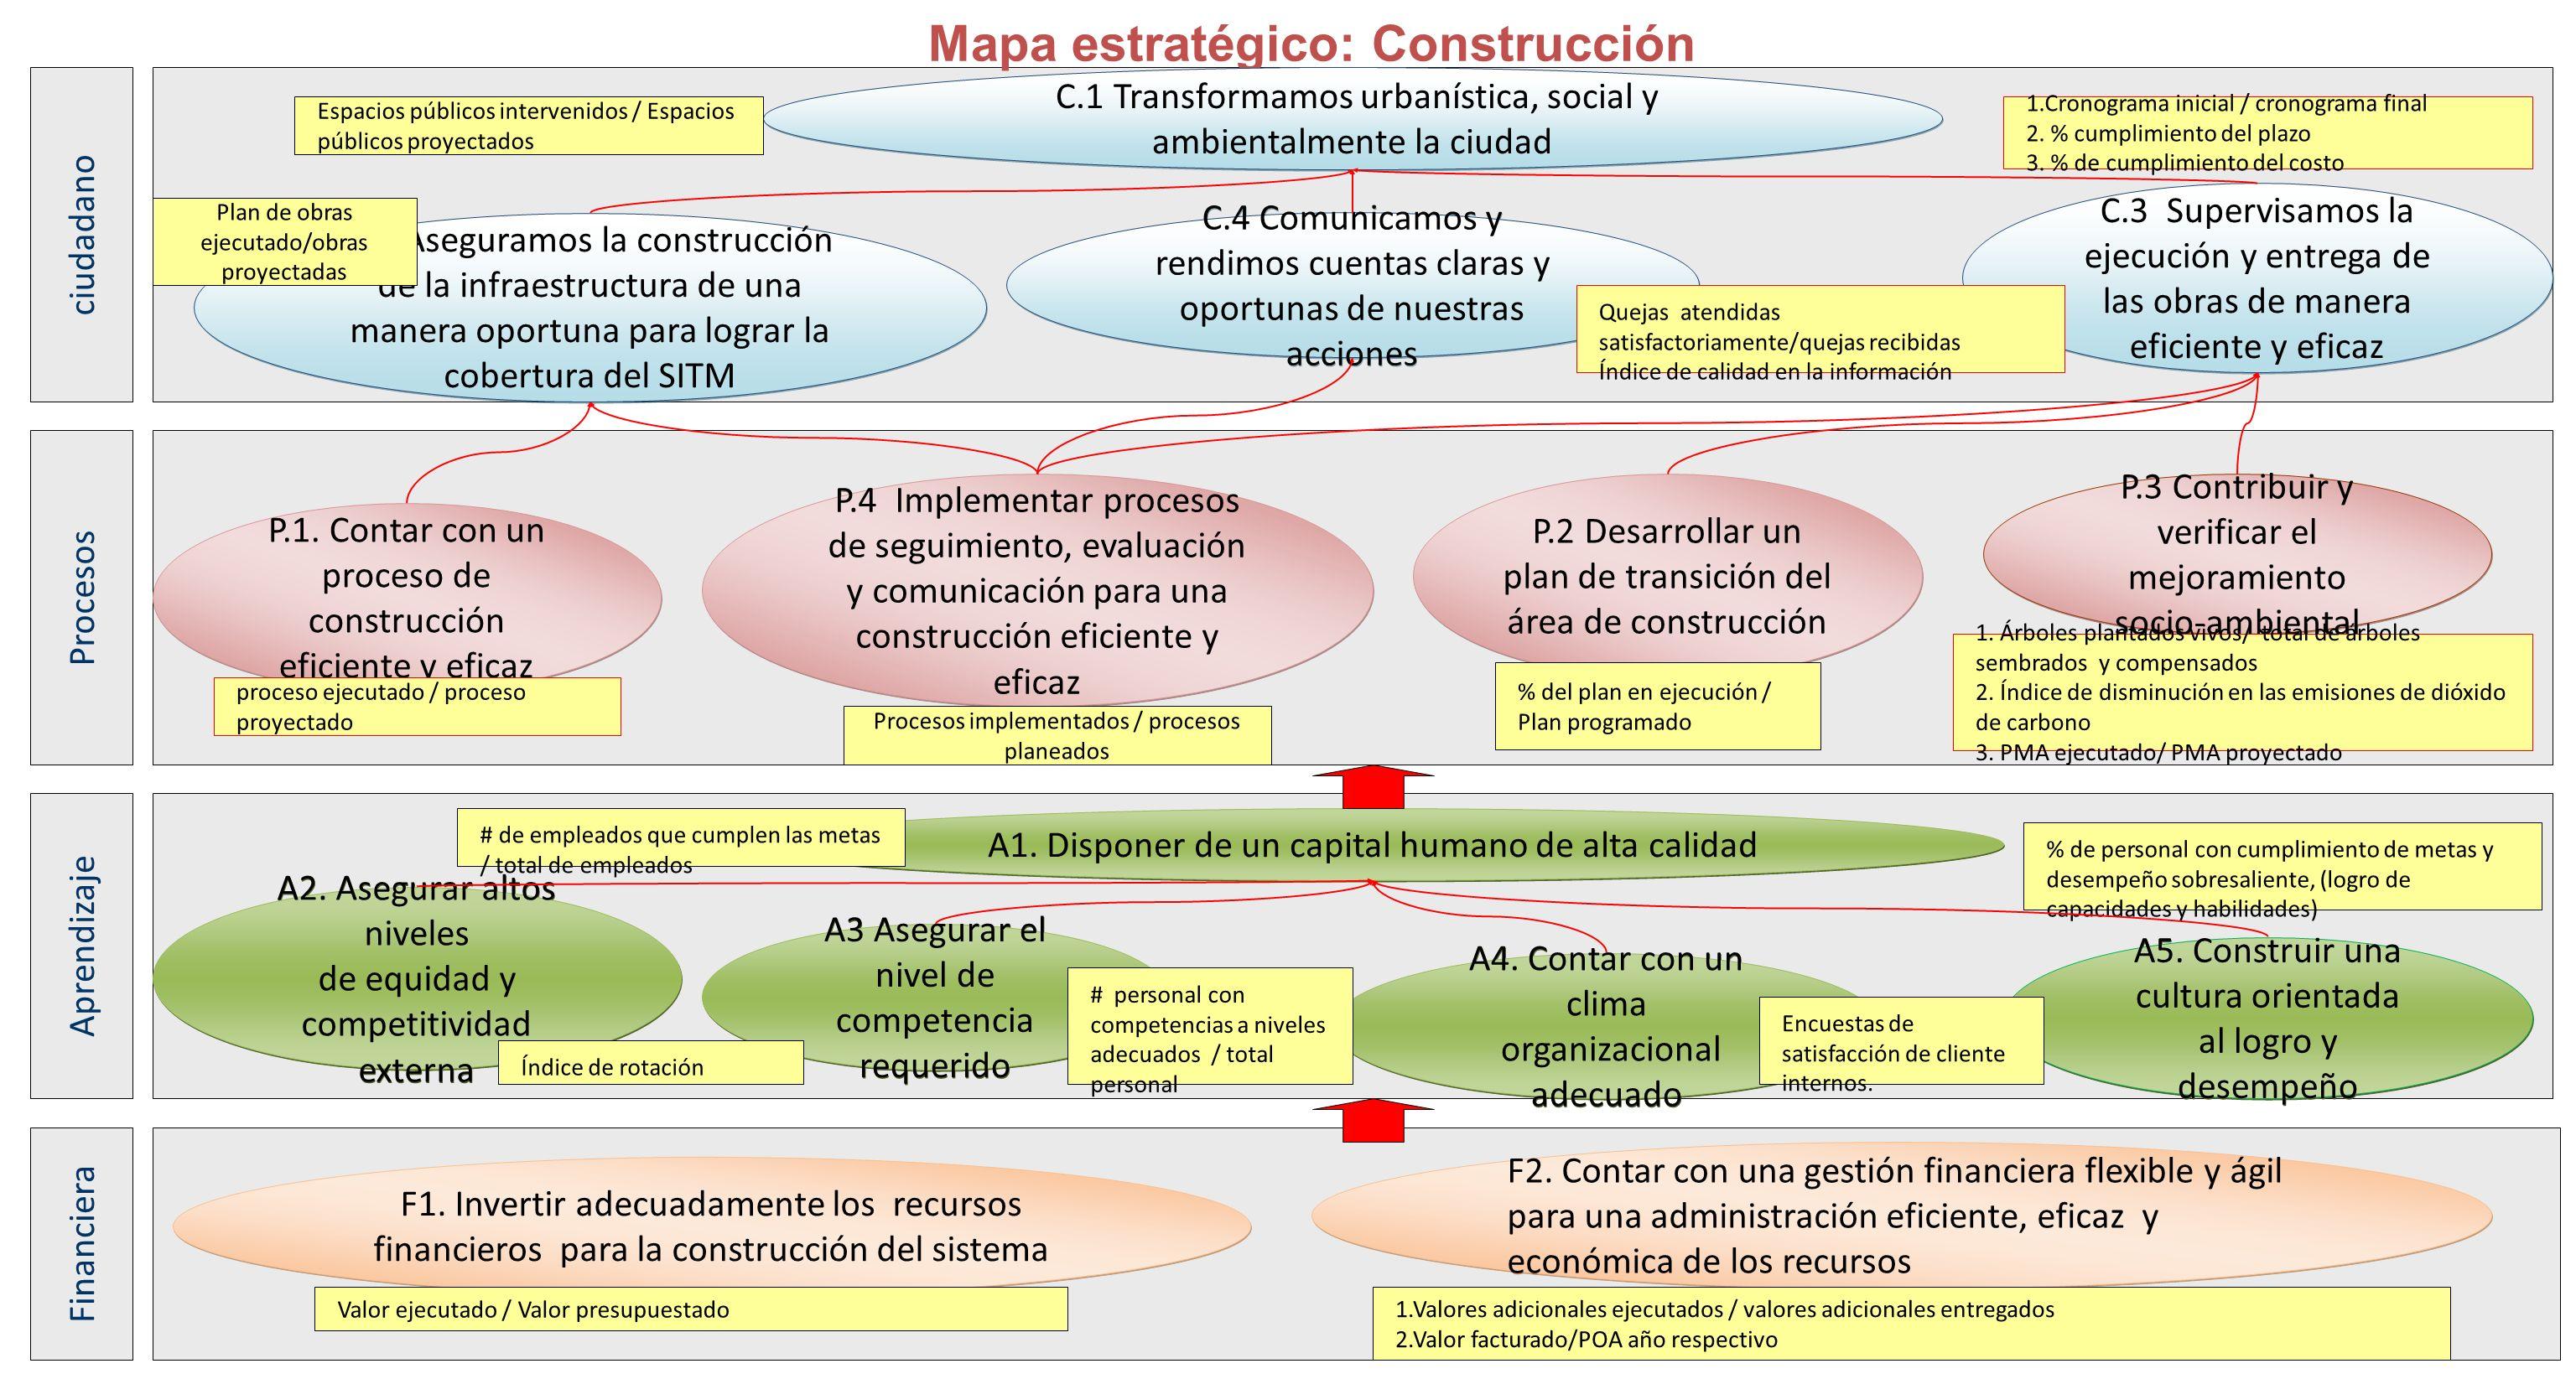 Mapa estratégico: Construcción P.3 Contribuir y verificar el mejoramiento socio-ambiental P.4 Implementar procesos de seguimiento, evaluación y comuni